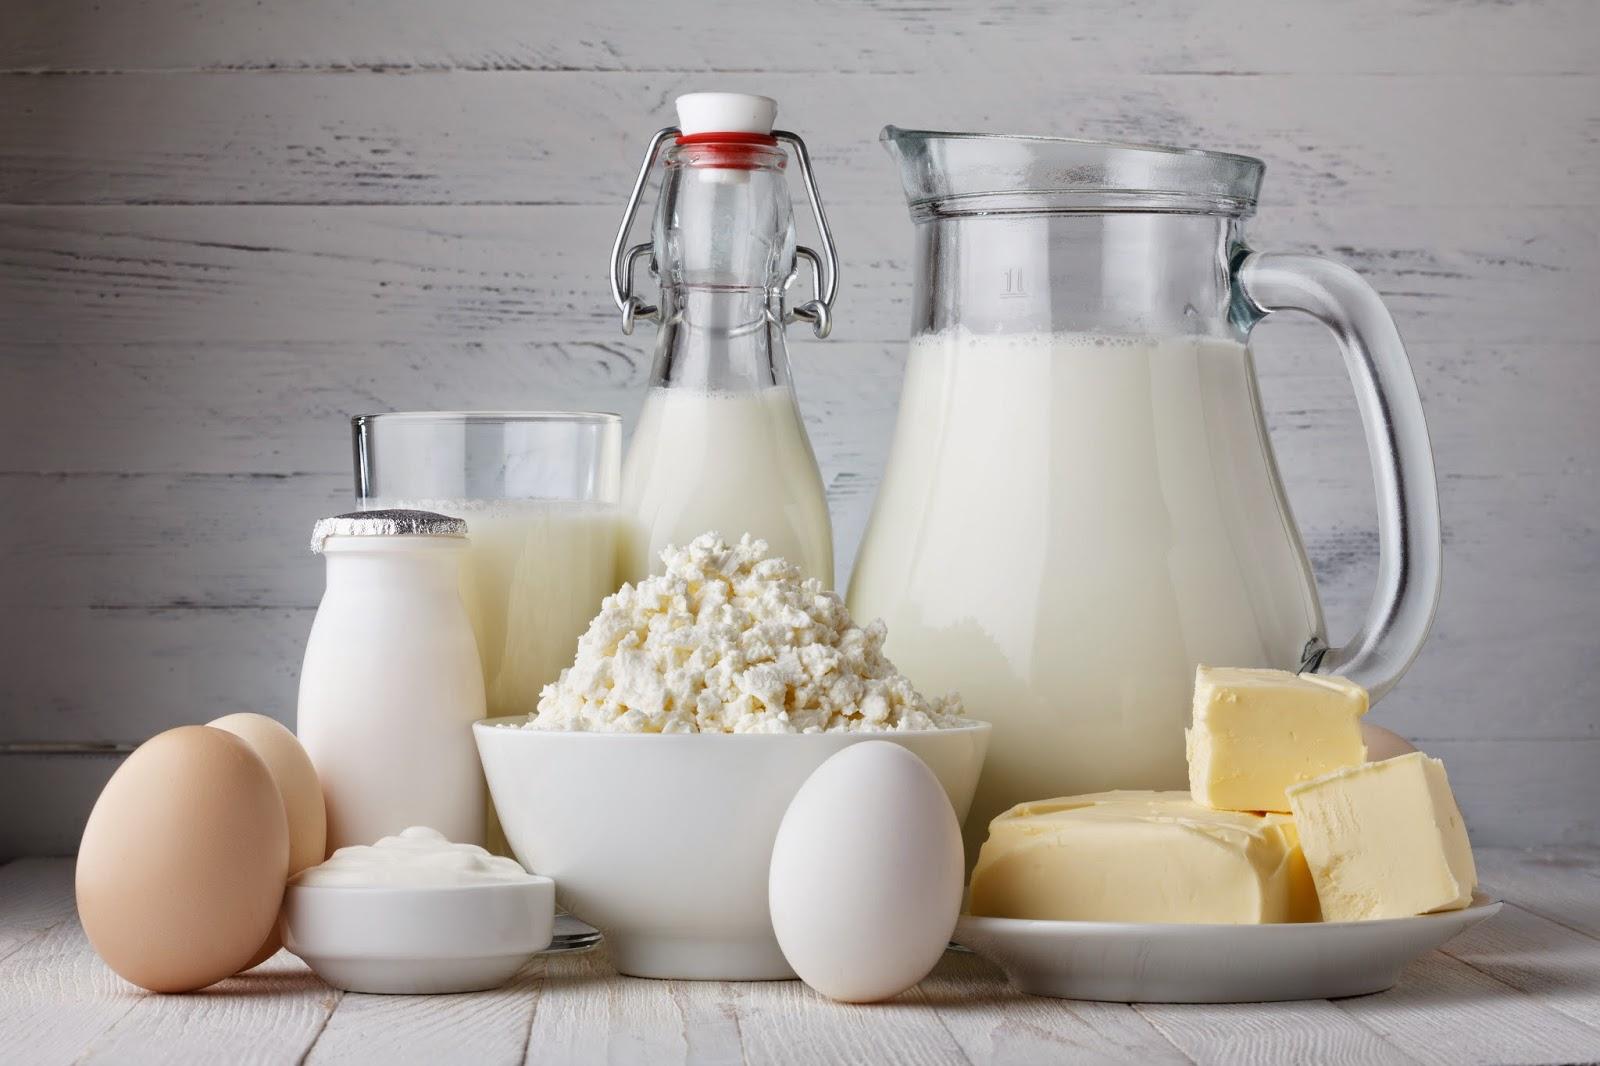 قیمت شیر و لبنیات زیاد شد +جدول